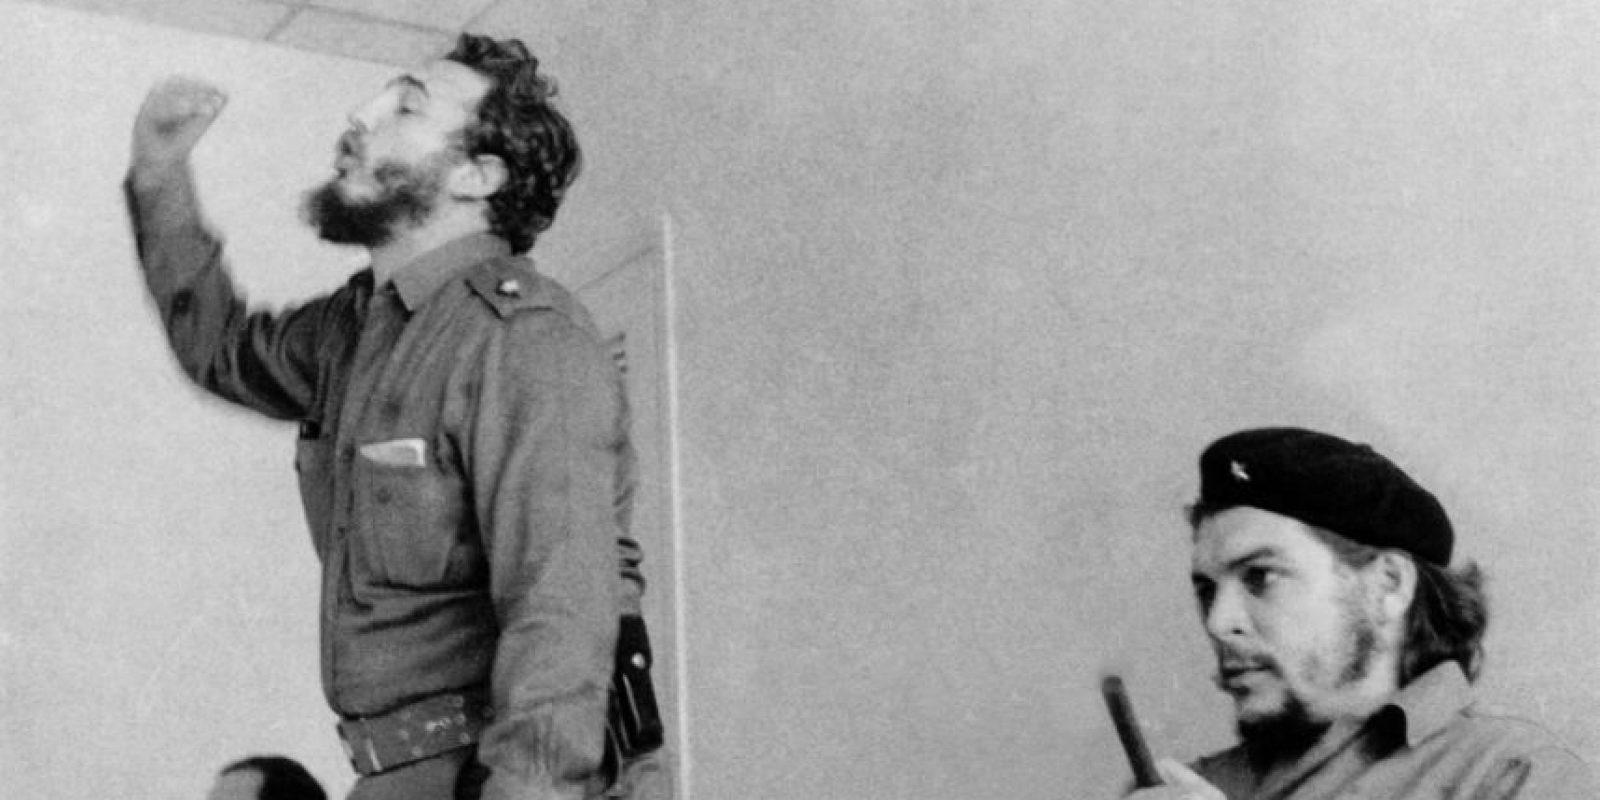 Fidel Castro habla durante una reunión en presencia del guerrillero argentino Ernesto 'Che' Guevara en una fotografía sin fecha tomada en los años 60 en La Habana Foto:-/afp.com